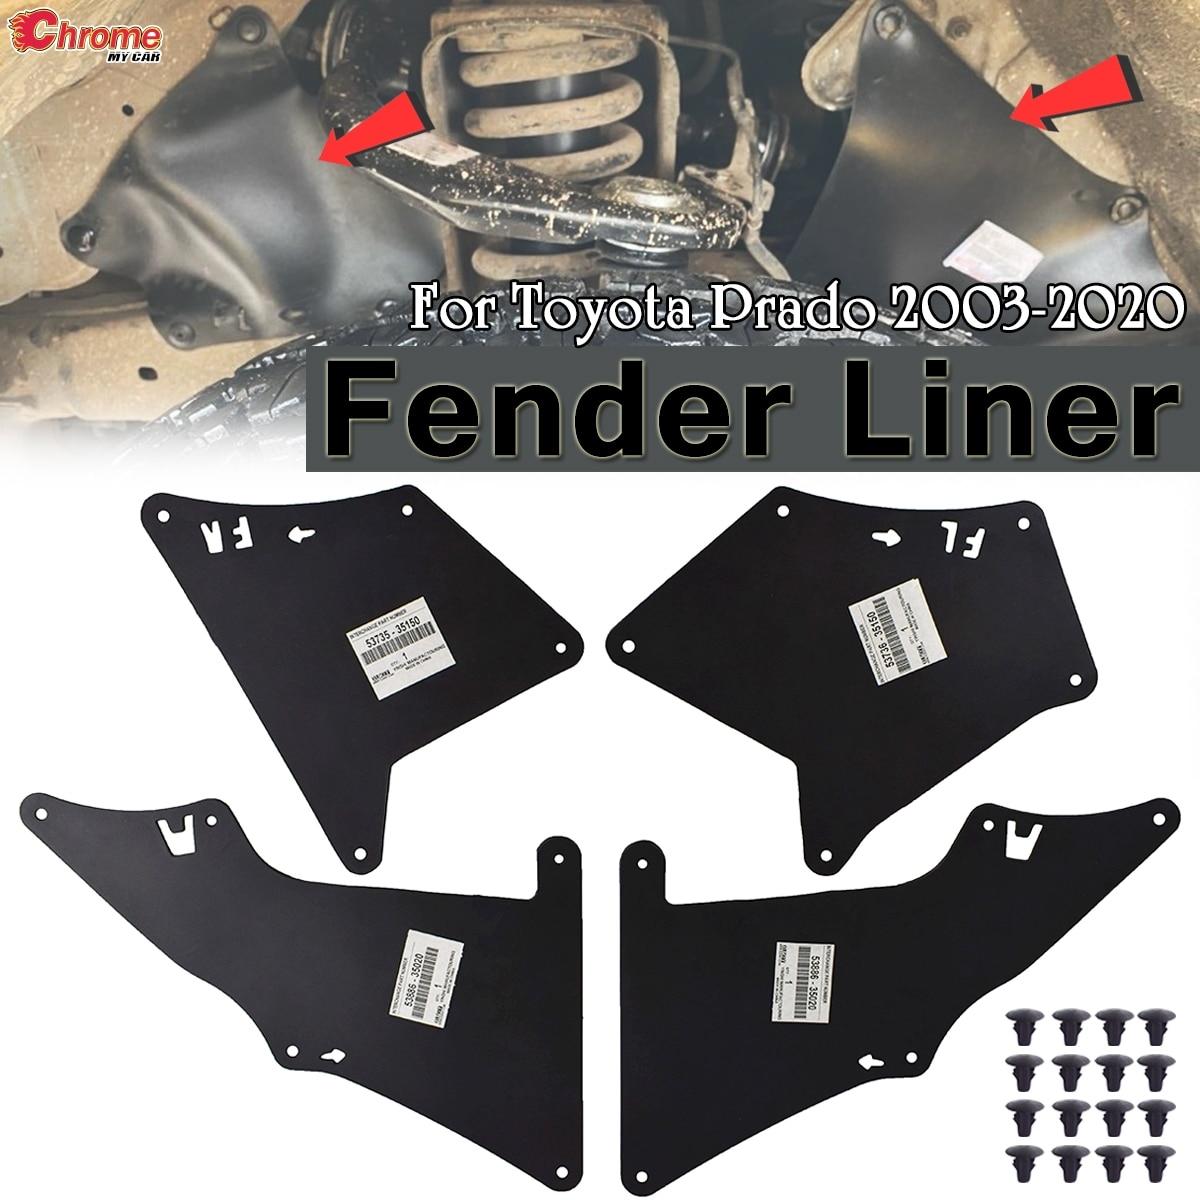 Брызговики для Toyota Land Cruiser Prado J120 J150 FJ Cruiser, щитки от брызг, резиновые аксессуары для автомобиля|Грязезащита|   | АлиЭкспресс